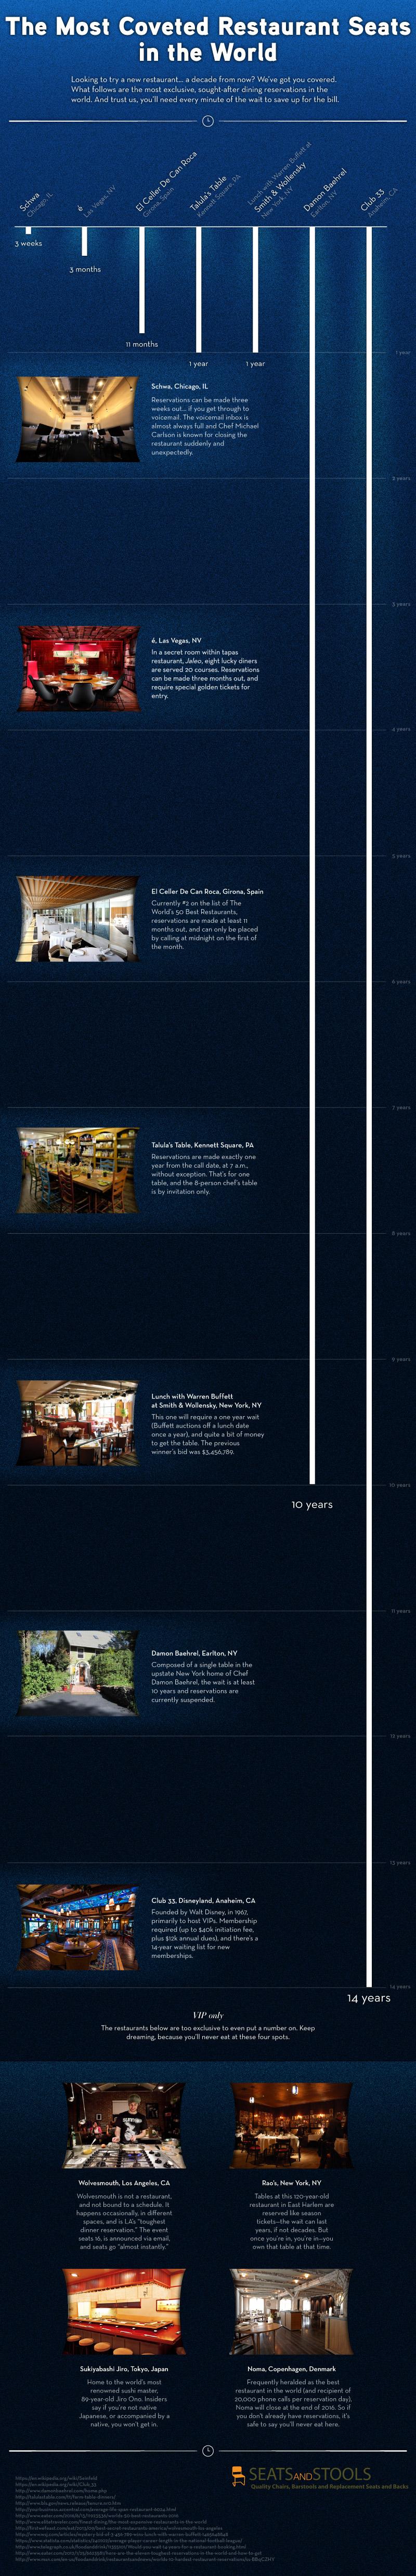 coveted-restaurants-10-24.jpg